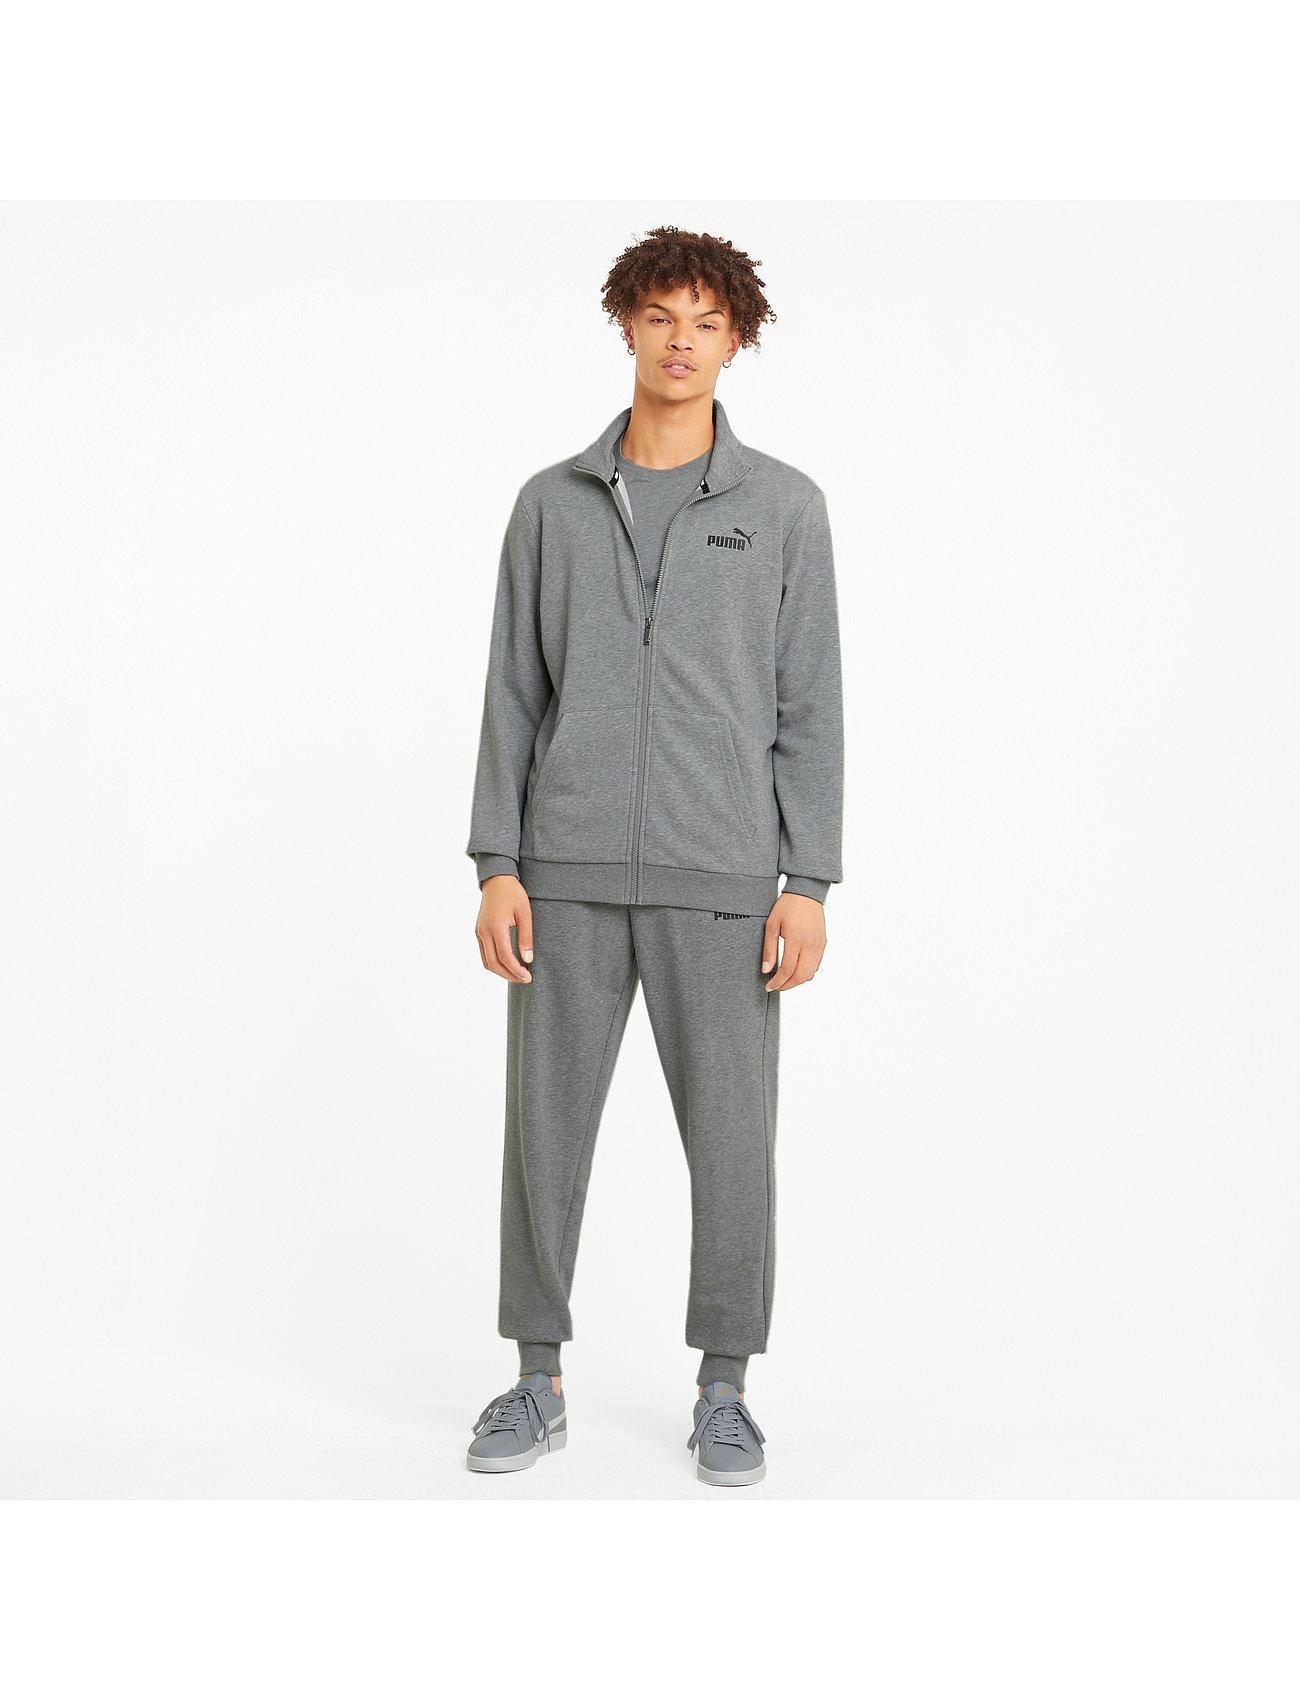 PUMA - ESS Track Jacket TR - Överdelar - medium gray heather - 0